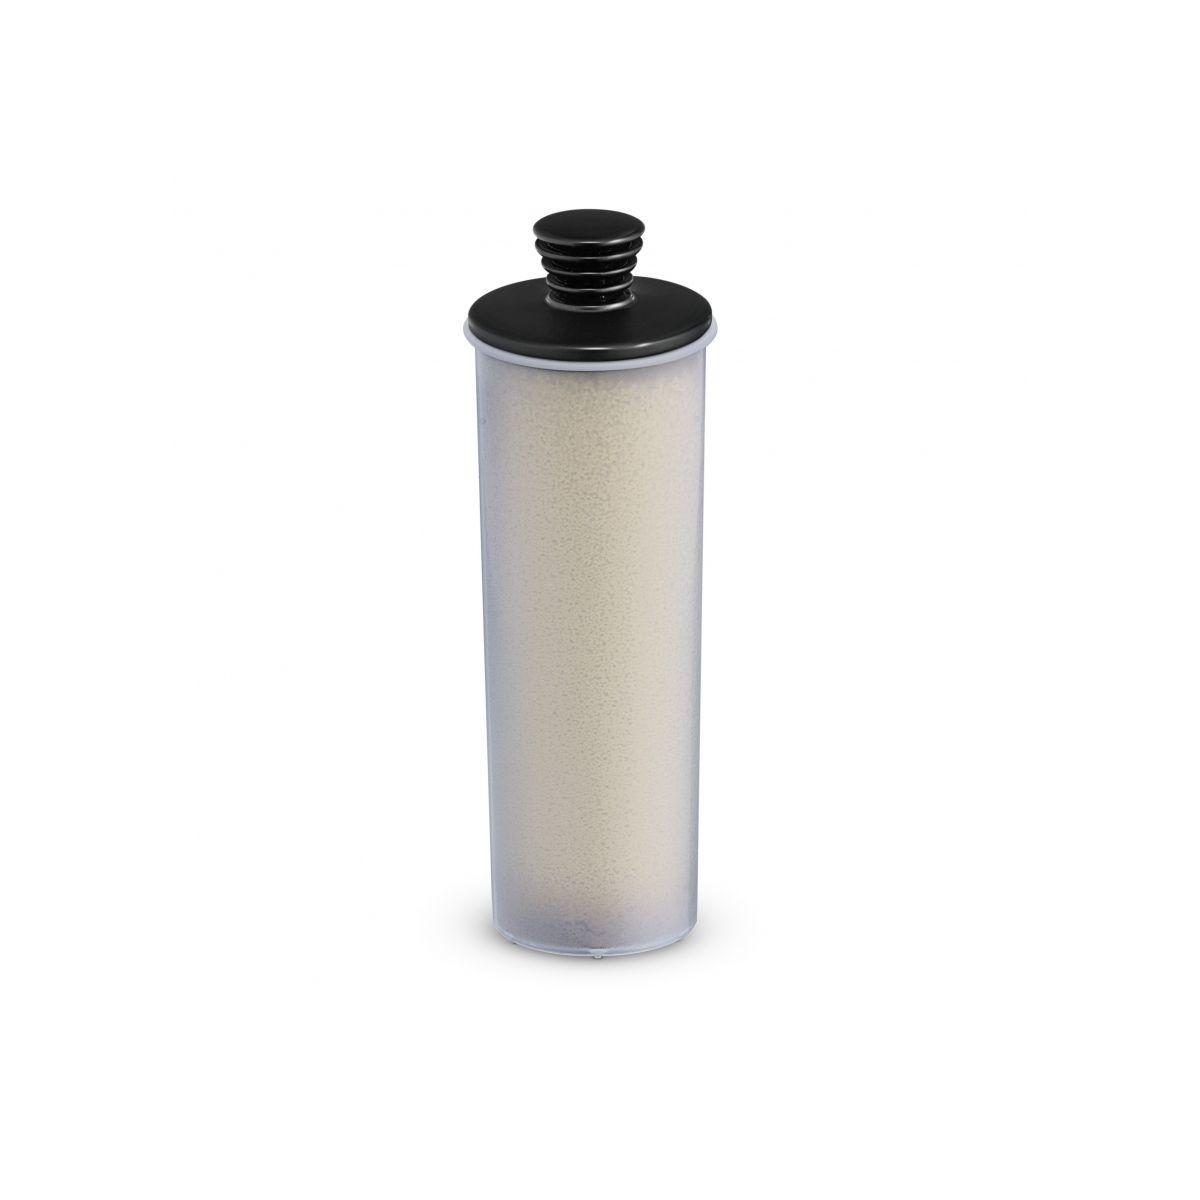 Filtre karcher cartouche filtrante pour nettoyeur sc3